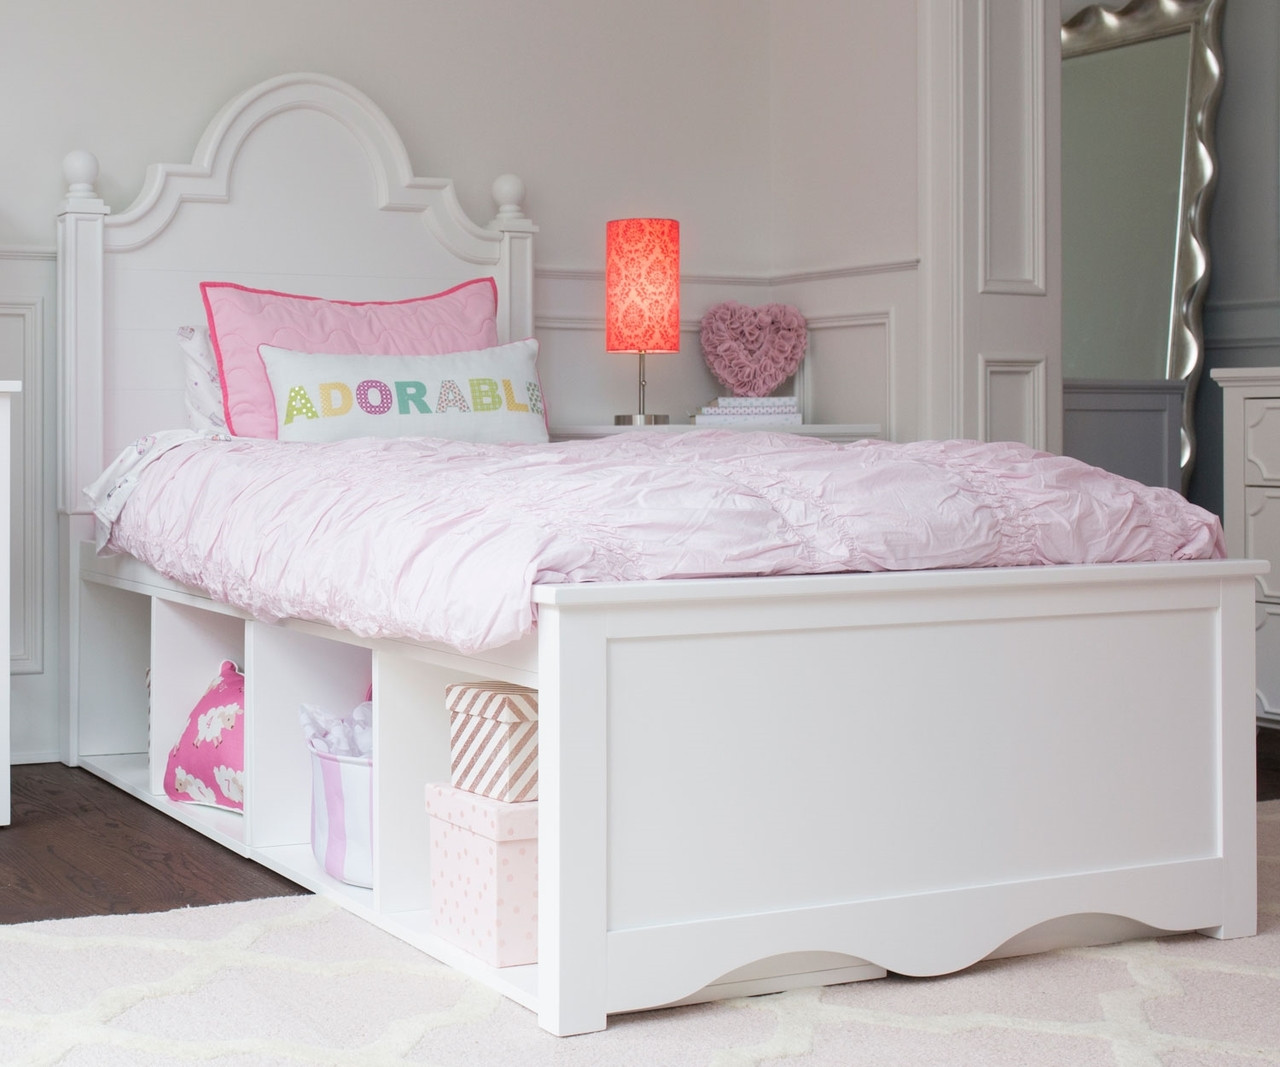 Loft Beds Adelaide